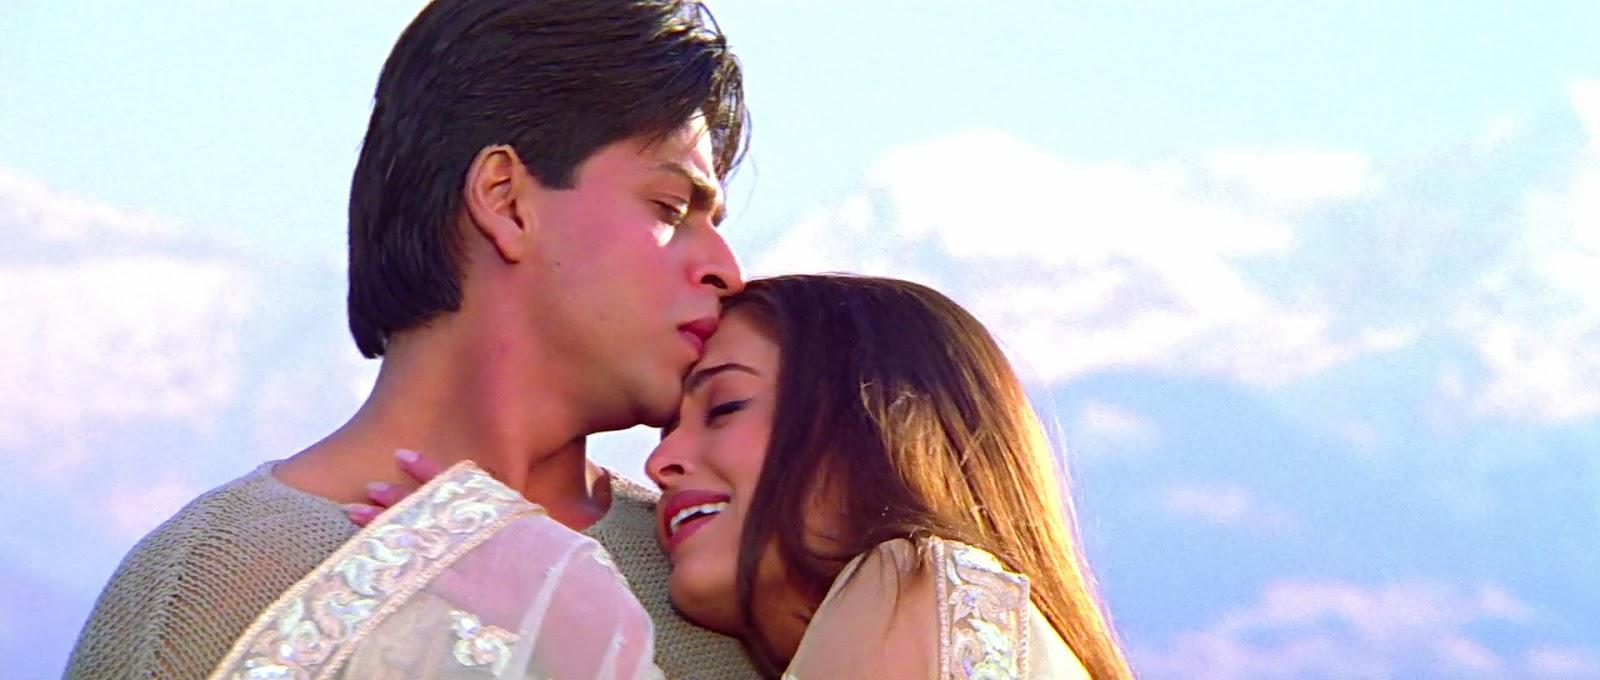 Hindi Video Songs Hd 1080p Blu Ray 2000 Cadillac